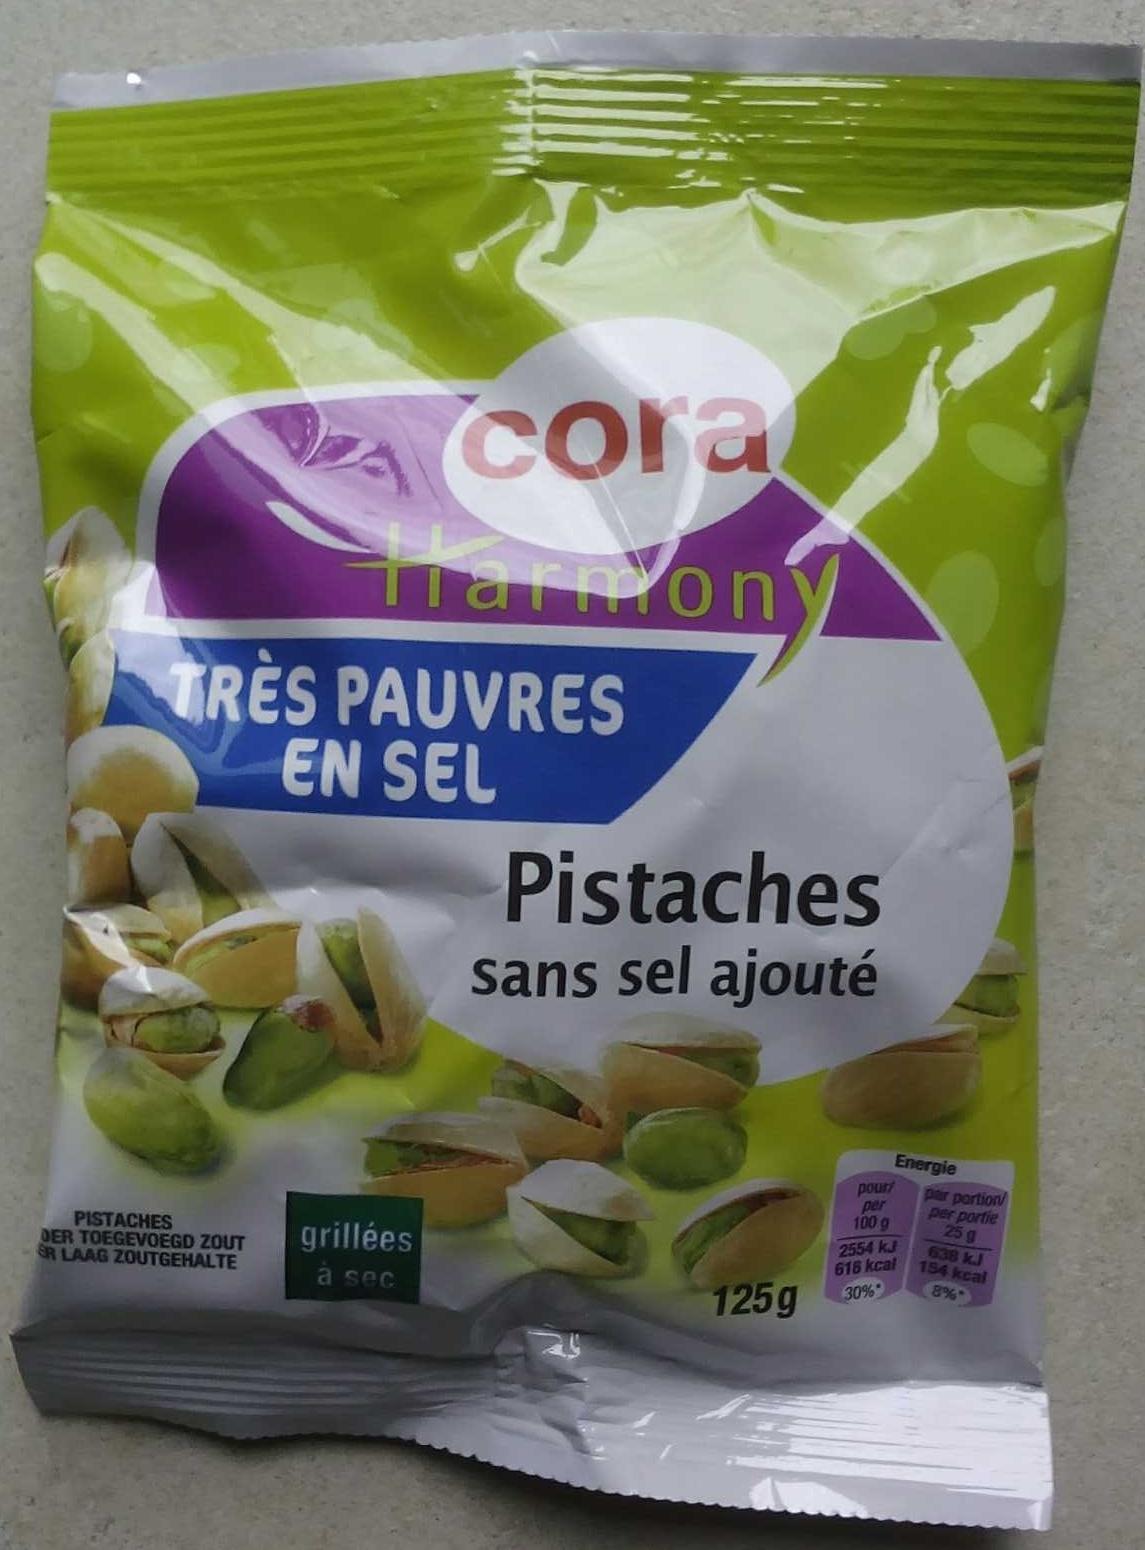 Pistaches sans sel ajouté - Produit - fr